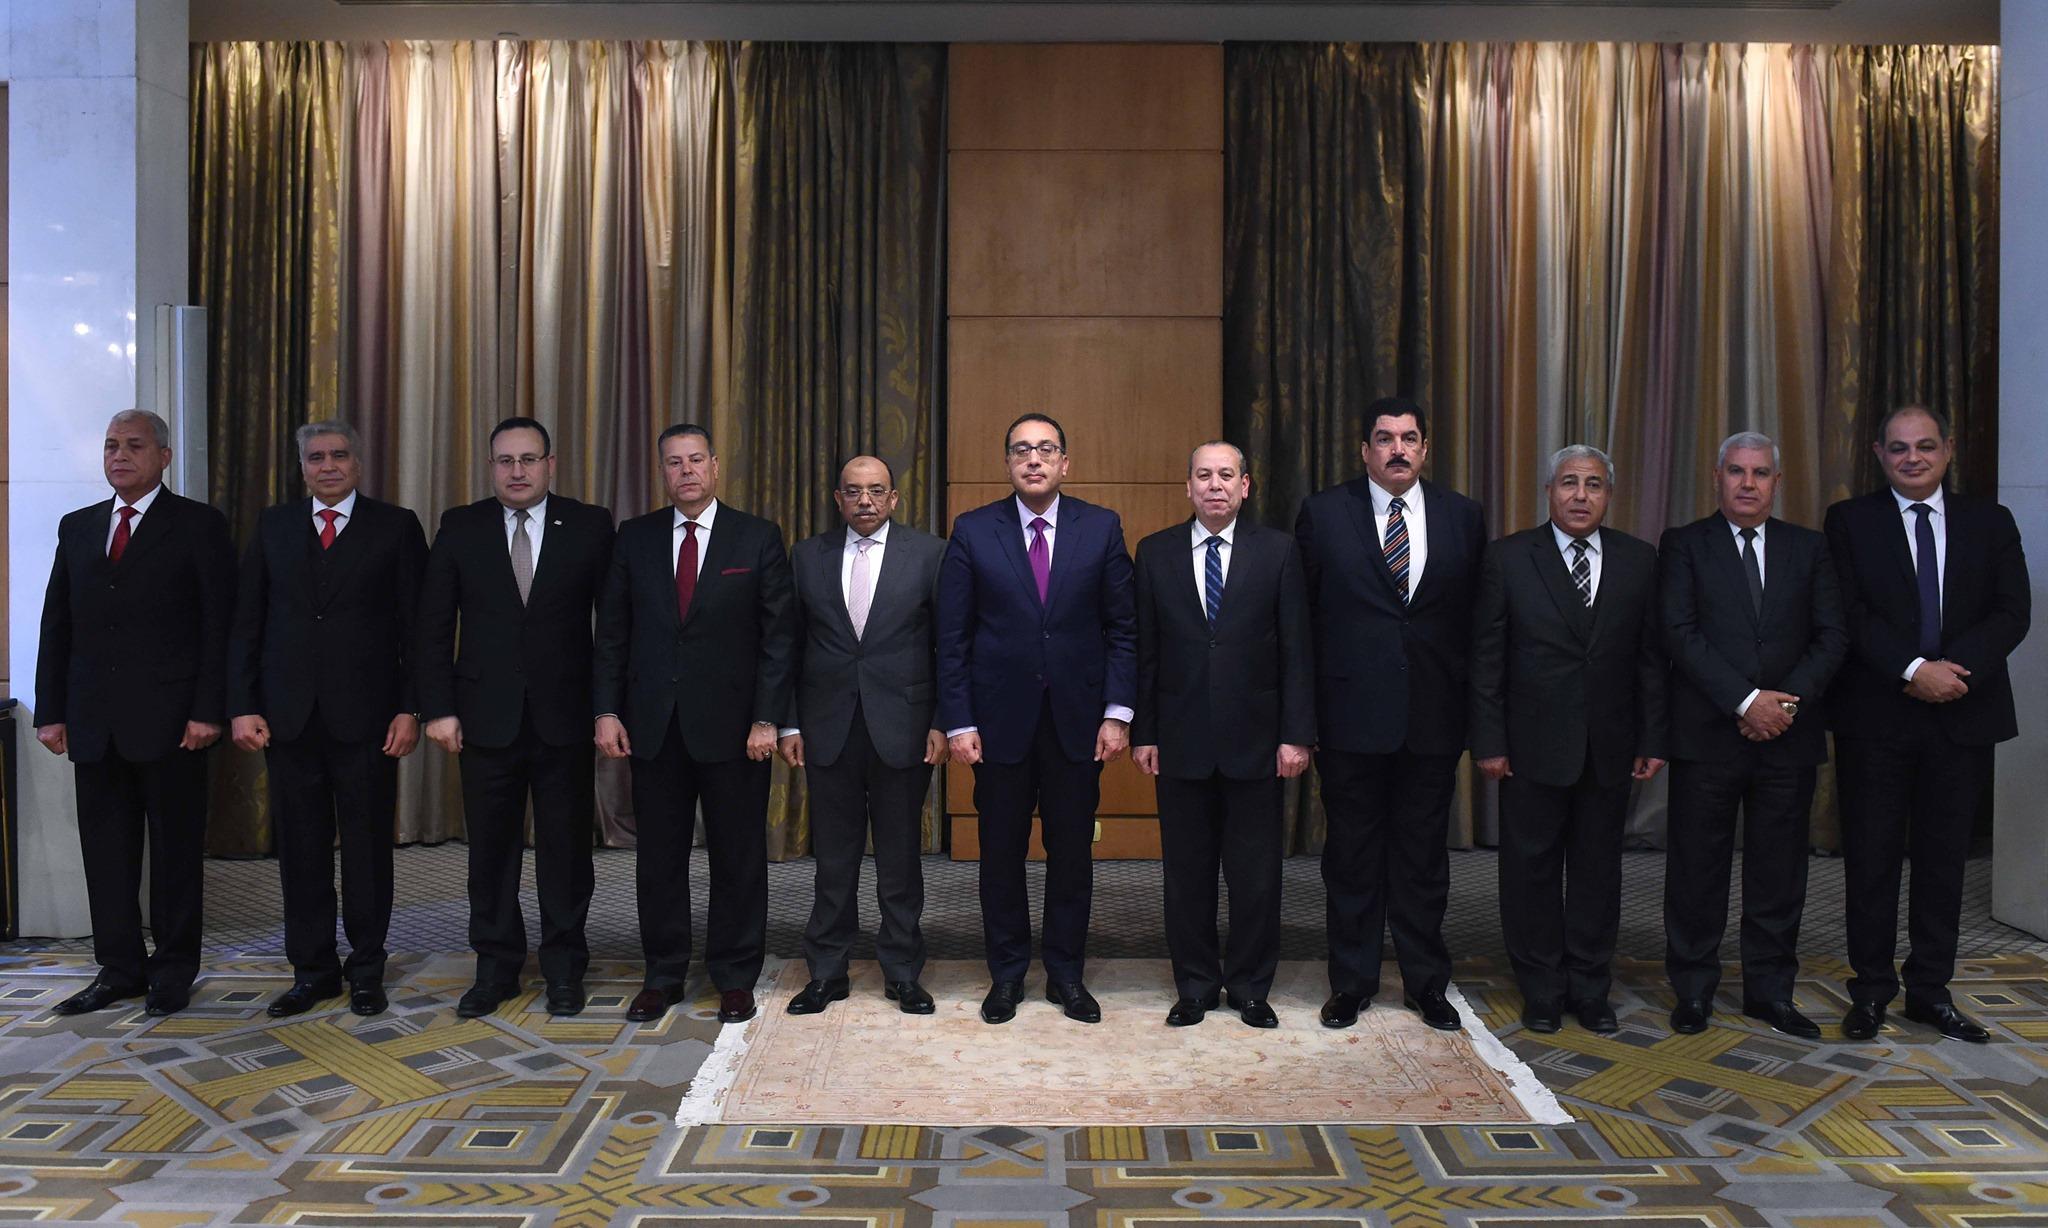 رئيس الوزراء: حريصون على تكريم كل من بذل جهدا لخدمة الوطن خلال توليه المسئولية